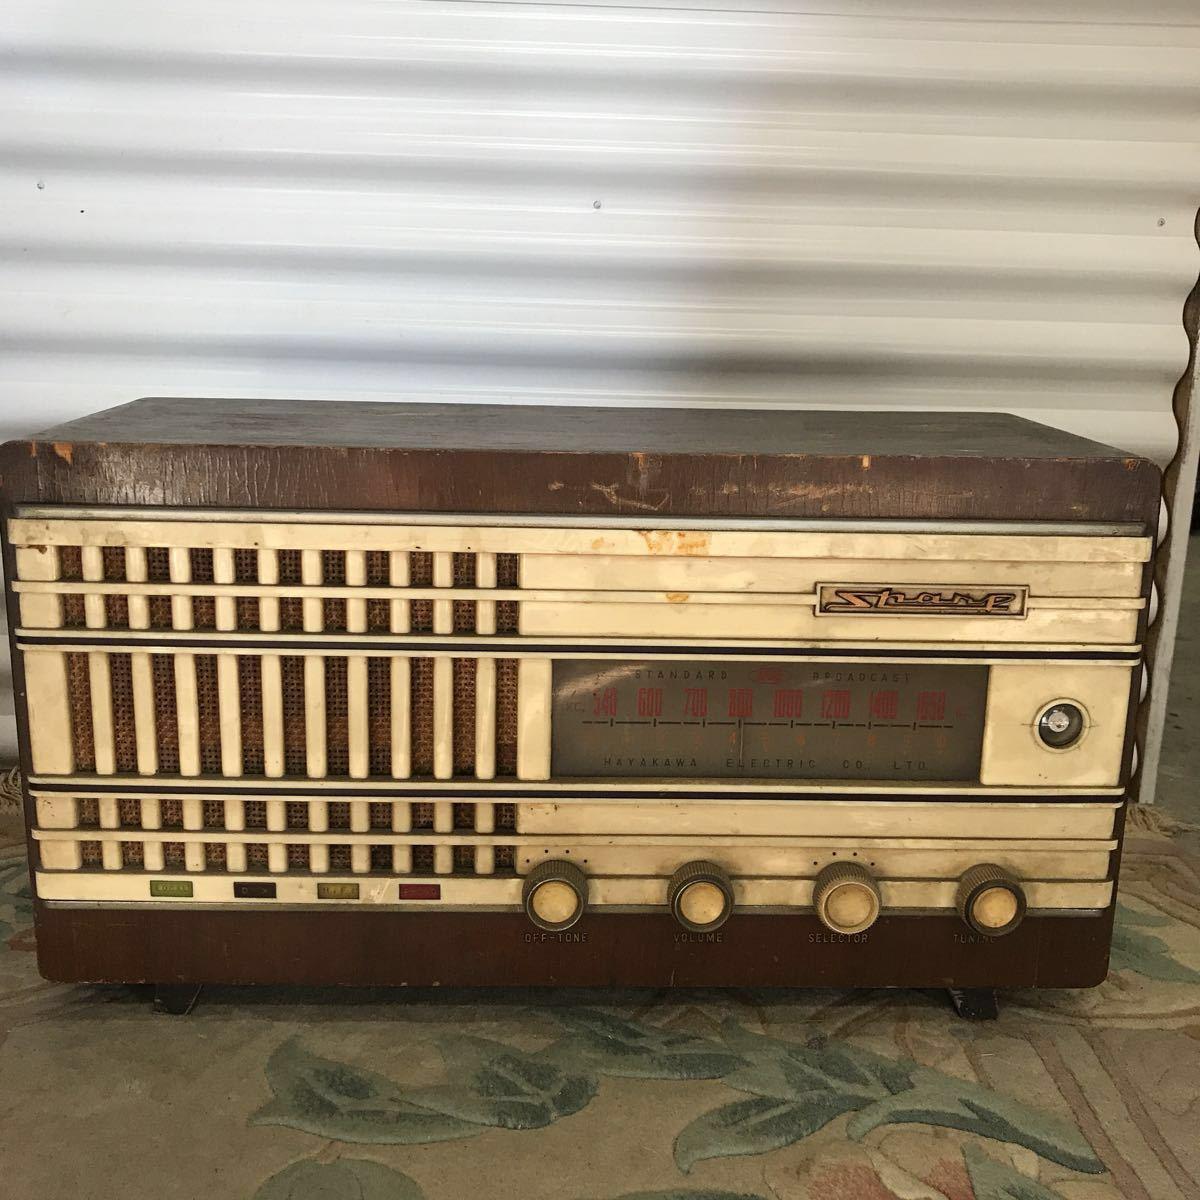 シャープ SHARP 真空管ラジオ ラジオ 6A-62型 昭和レトロ インテリア ジャンク品